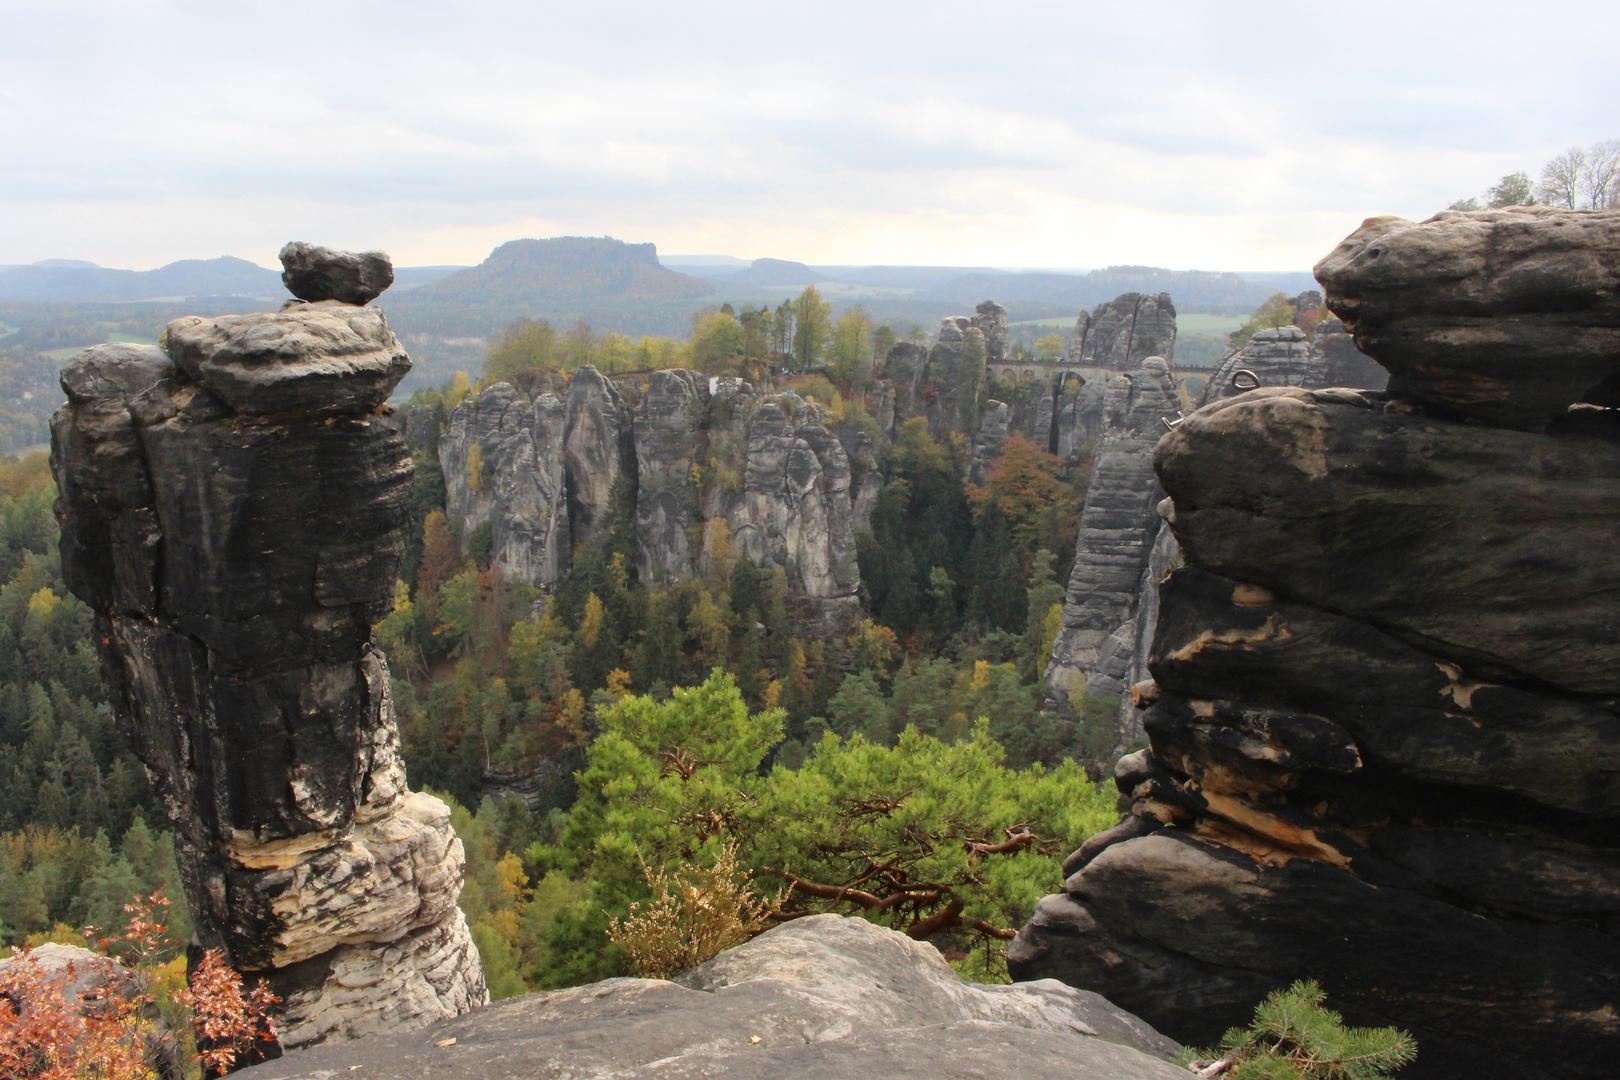 Elbsandsteingebirge, Blick auf Festung Königstein